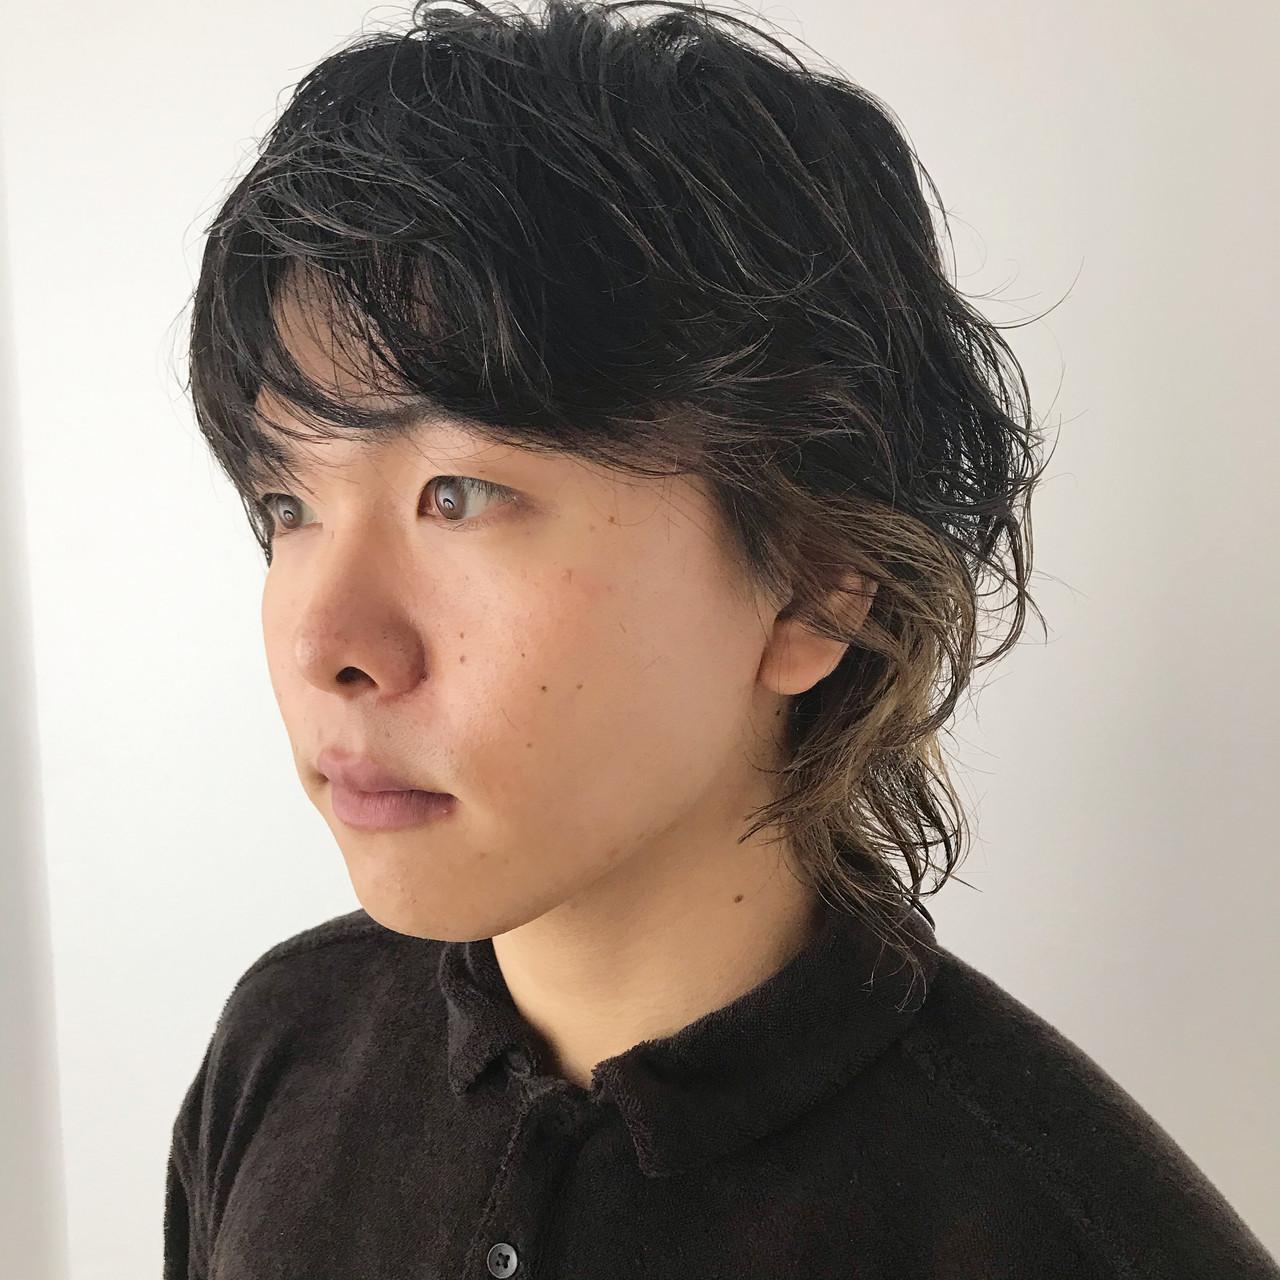 ウルフカット メンズカラー ストリート センターパート ヘアスタイルや髪型の写真・画像 | 澤江 啓司 / K-two KYOTO